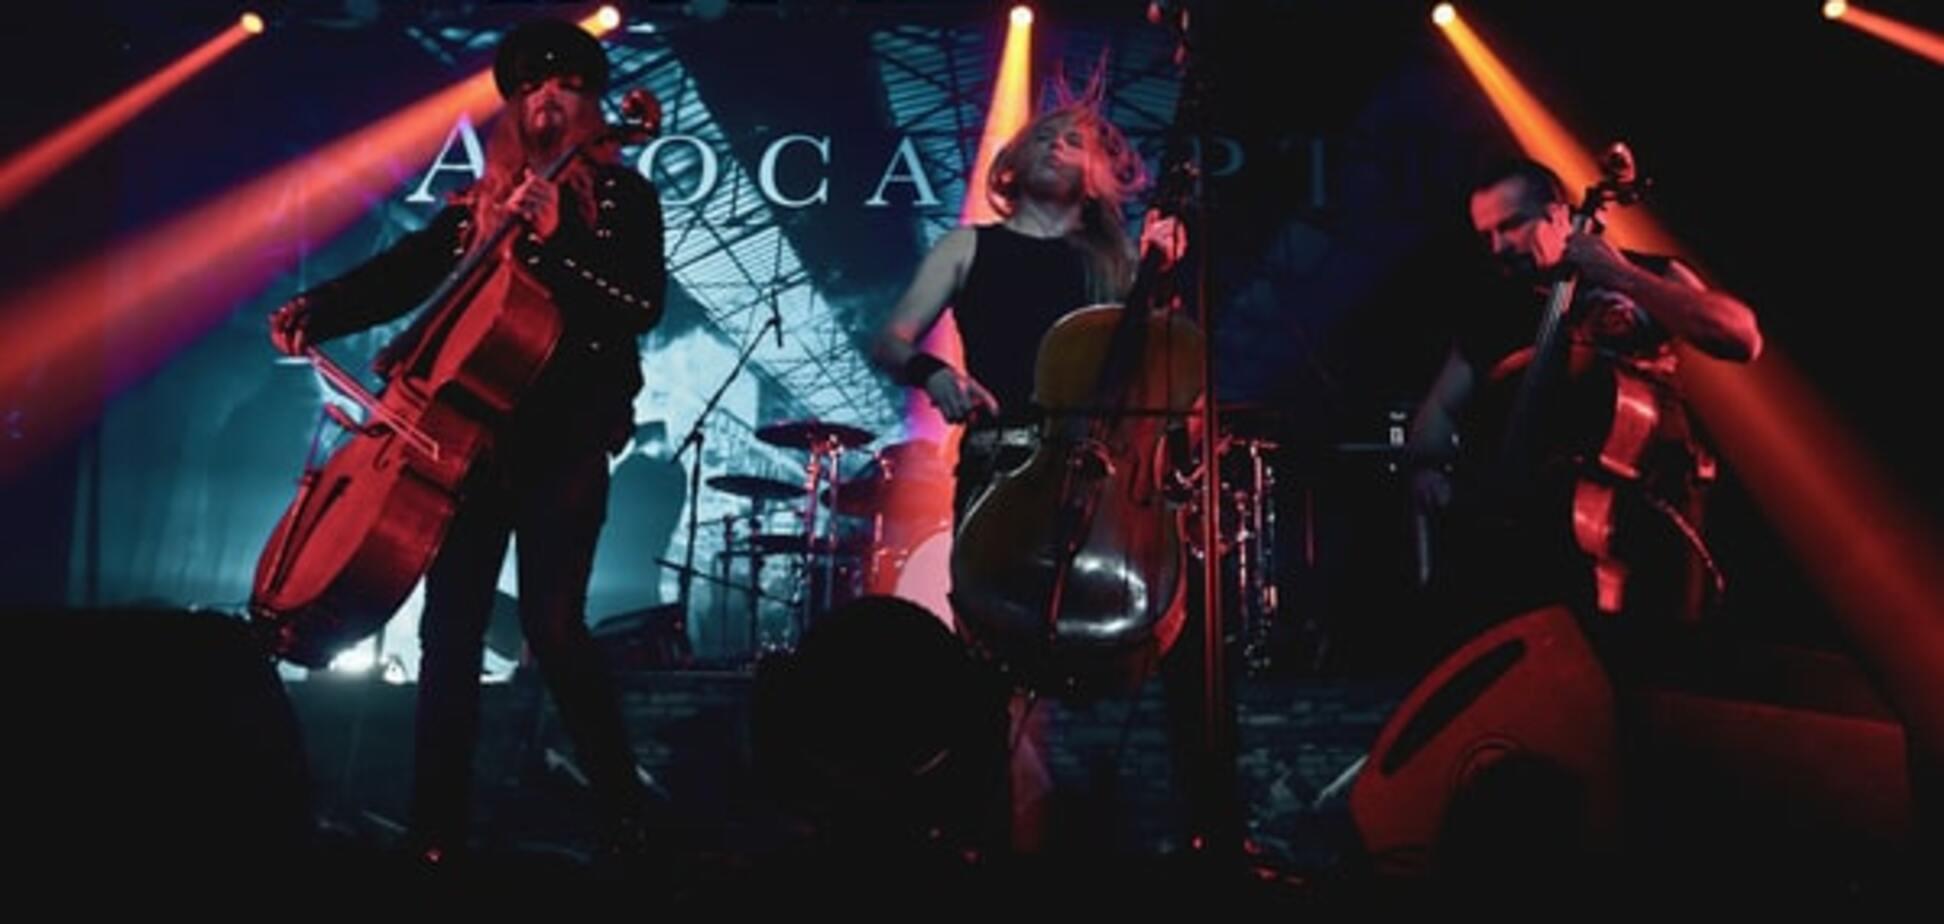 Apocalyptica зажгла киевскую публику роком на виолончелях: опубликованы фото и видео